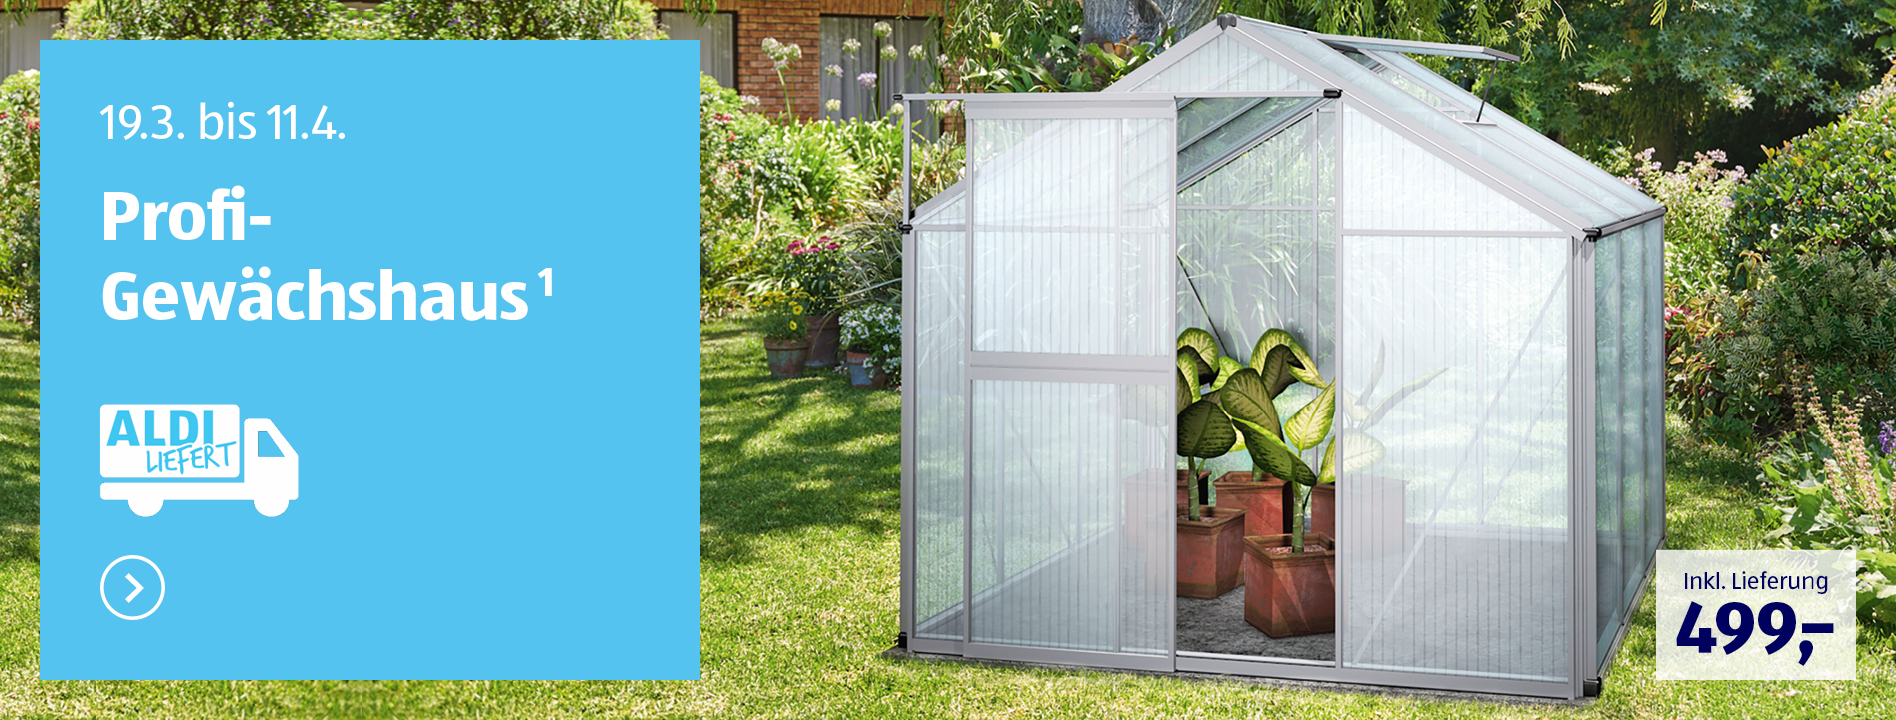 Full Size of Hochbeet Aldi Sd Angebote Ab Do Garten Relaxsessel Wohnzimmer Hochbeet Aldi